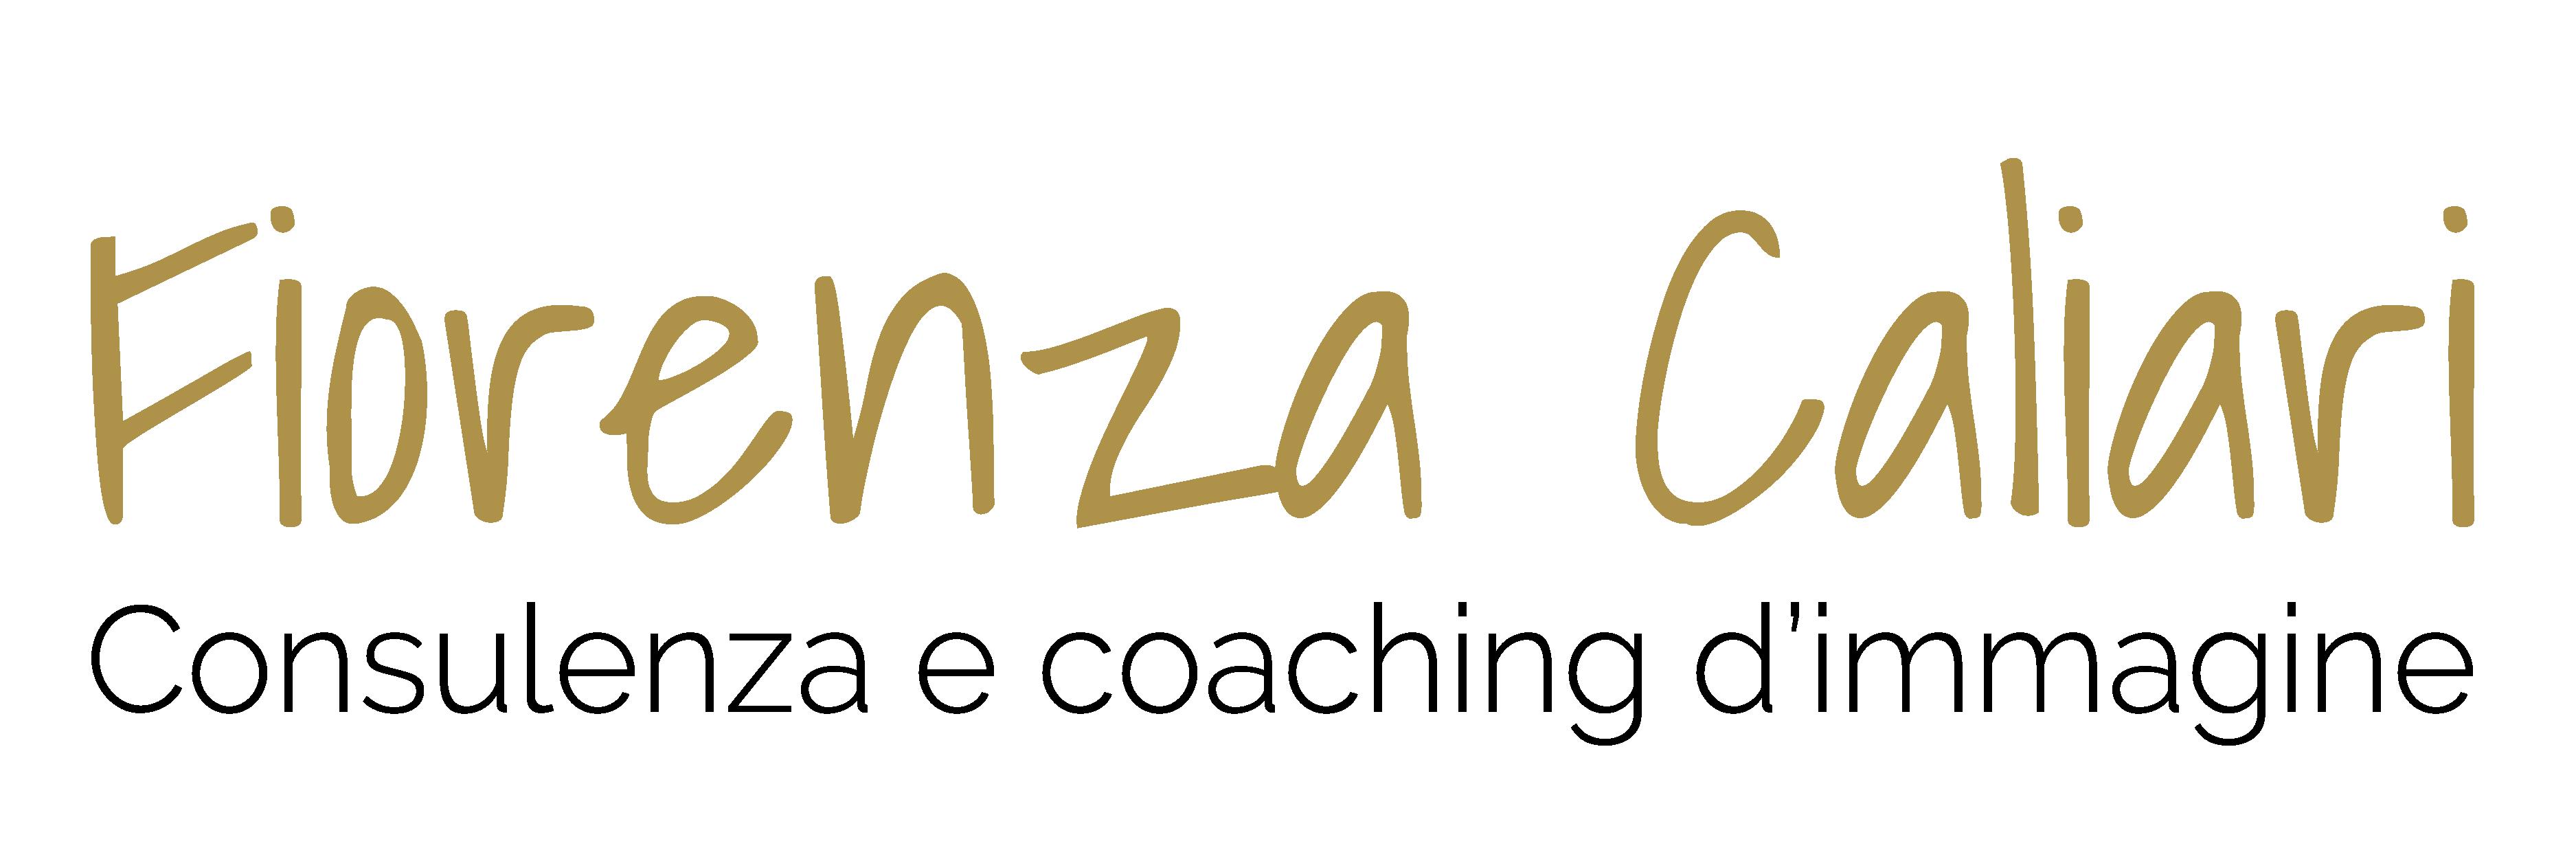 Fiorenza Caliari - Consulente d'immagine e comunicazione